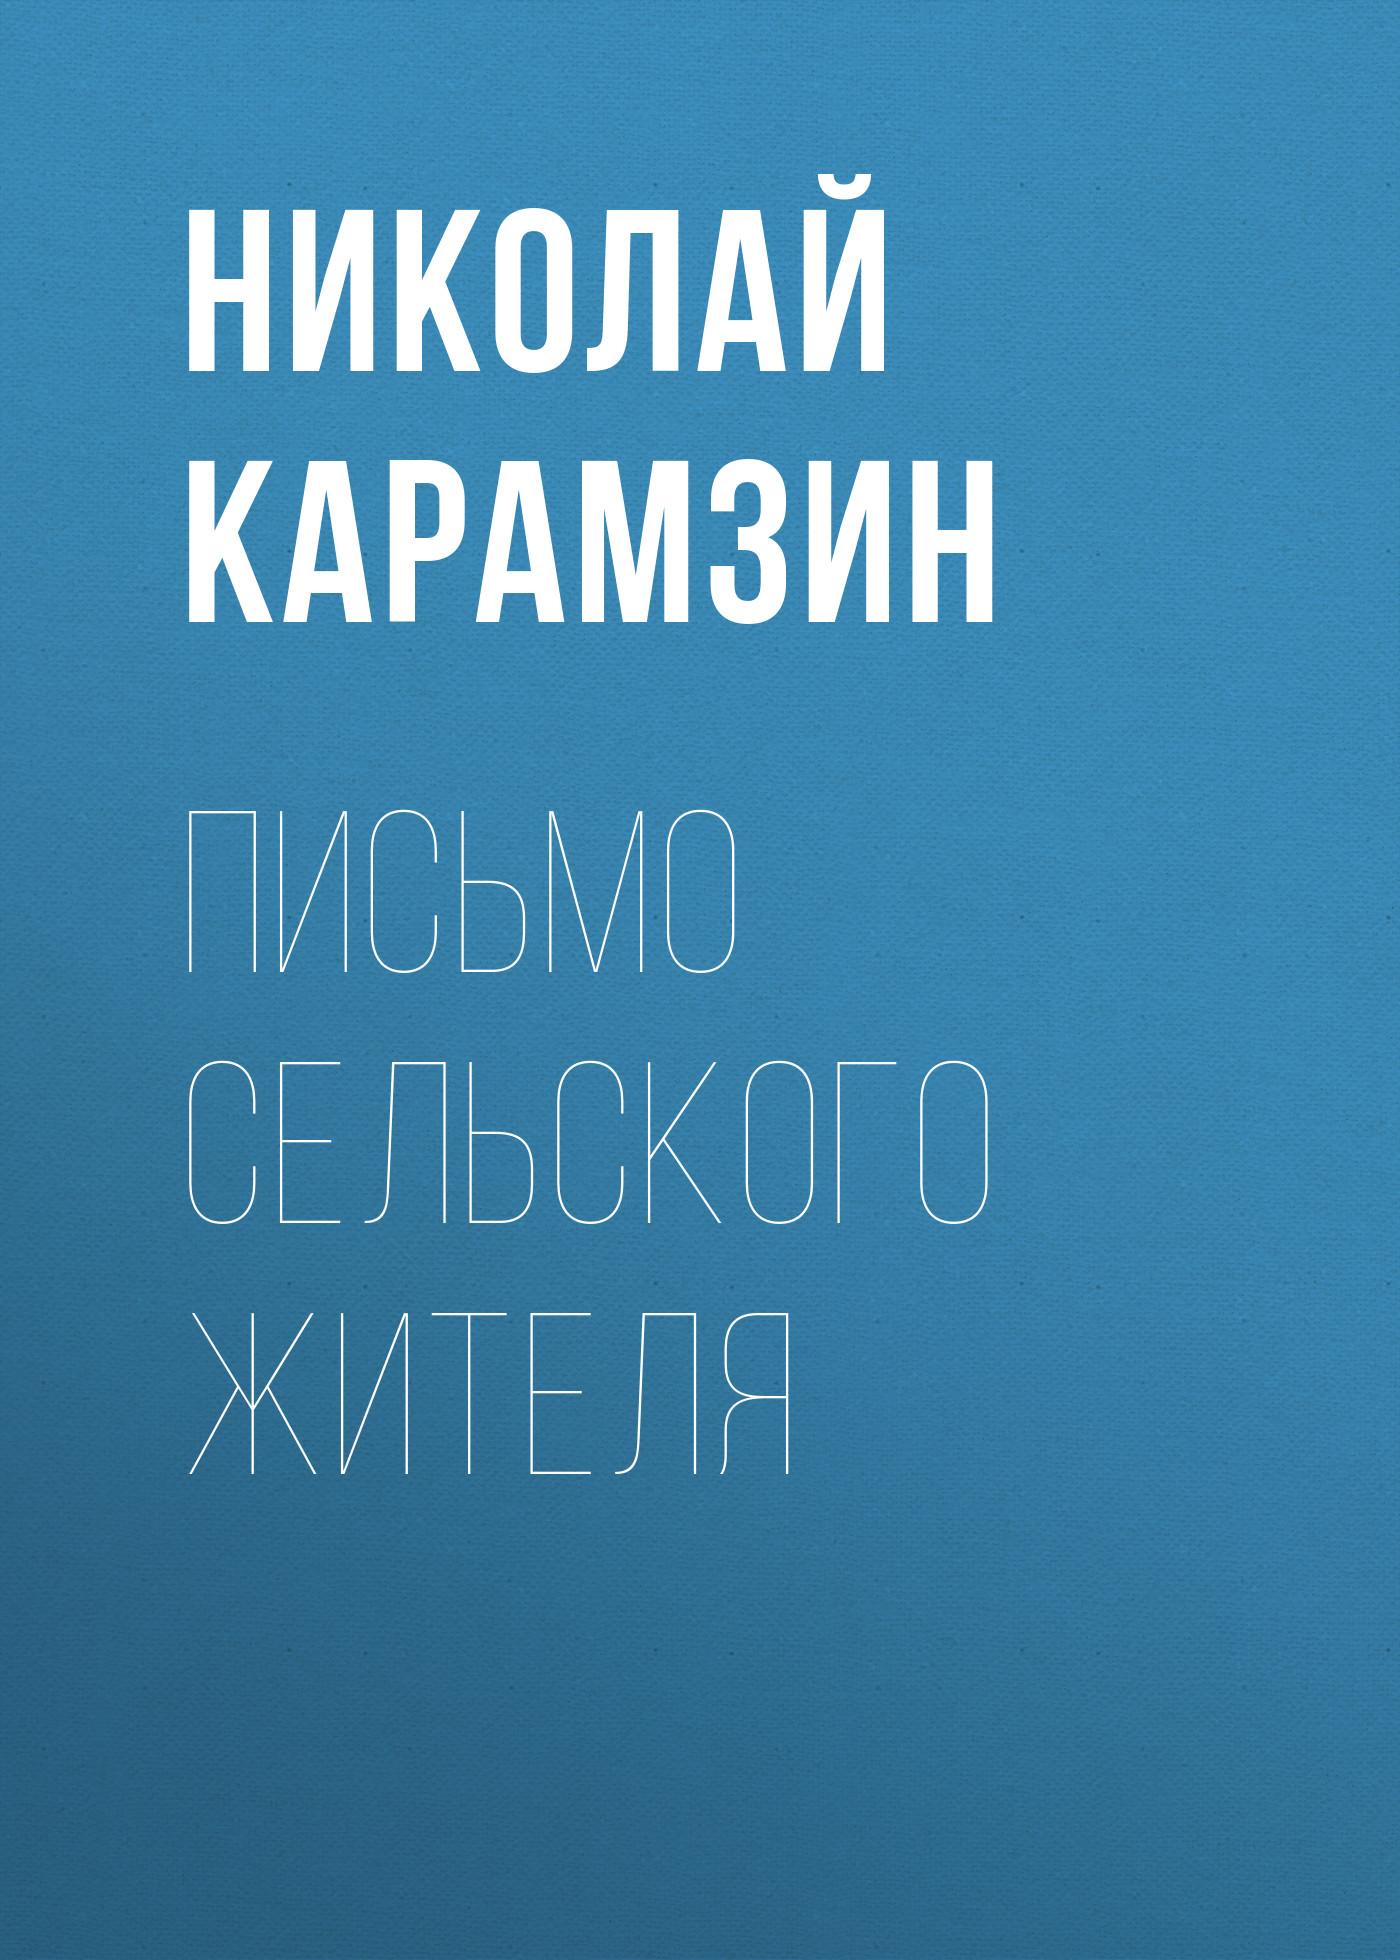 Купить книгу Письмо сельского жителя, автора Николая Карамзина